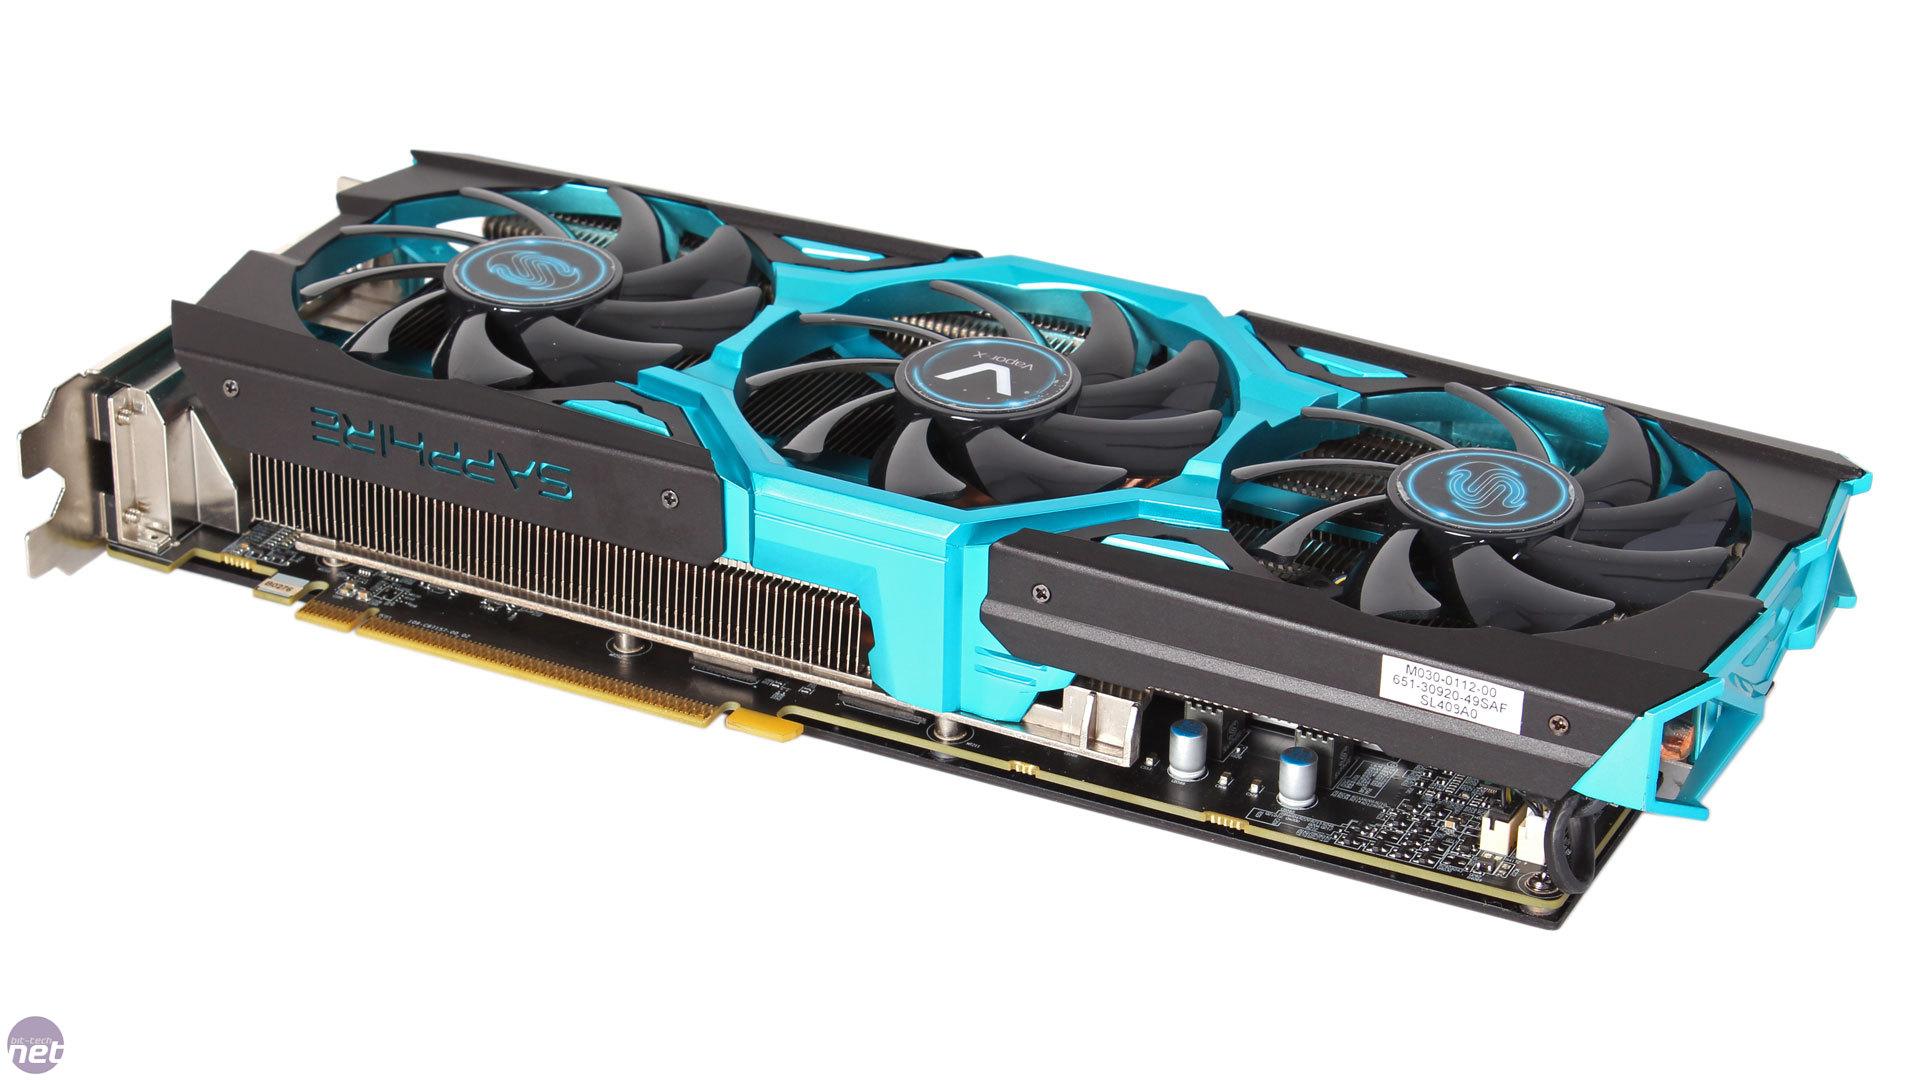 Sapphire Radeon R9 290 Vapor X Oc Review Bit Tech Net